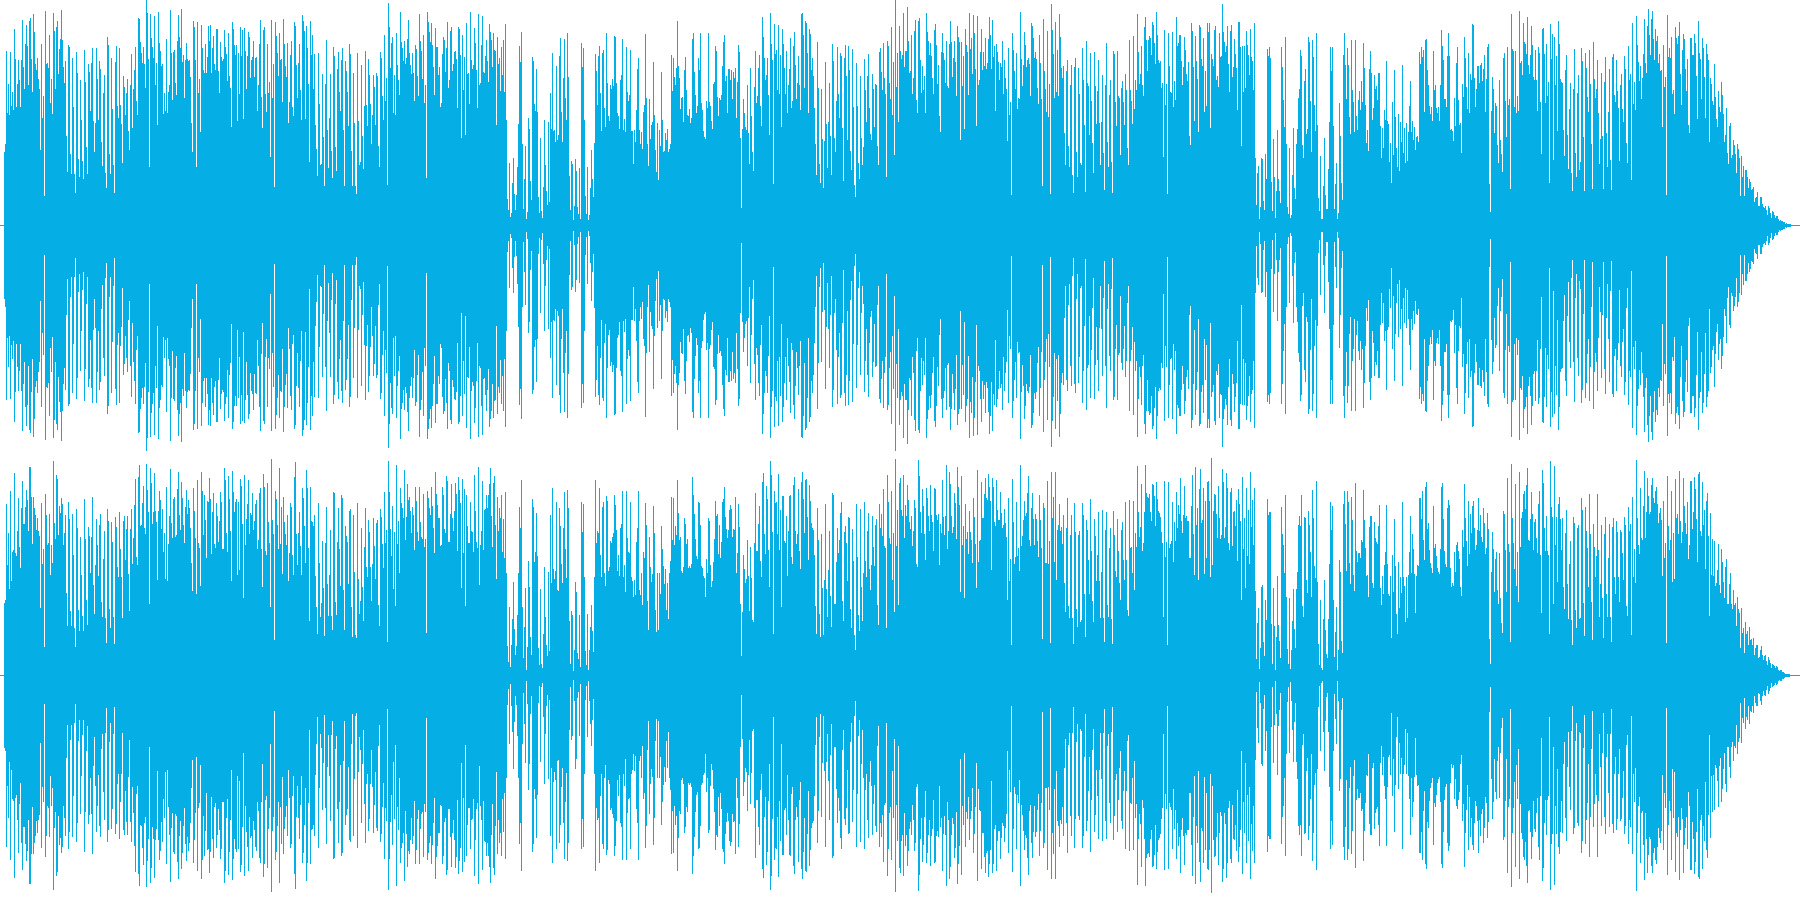 リコーダーやピアニカを使った可愛い曲の再生済みの波形